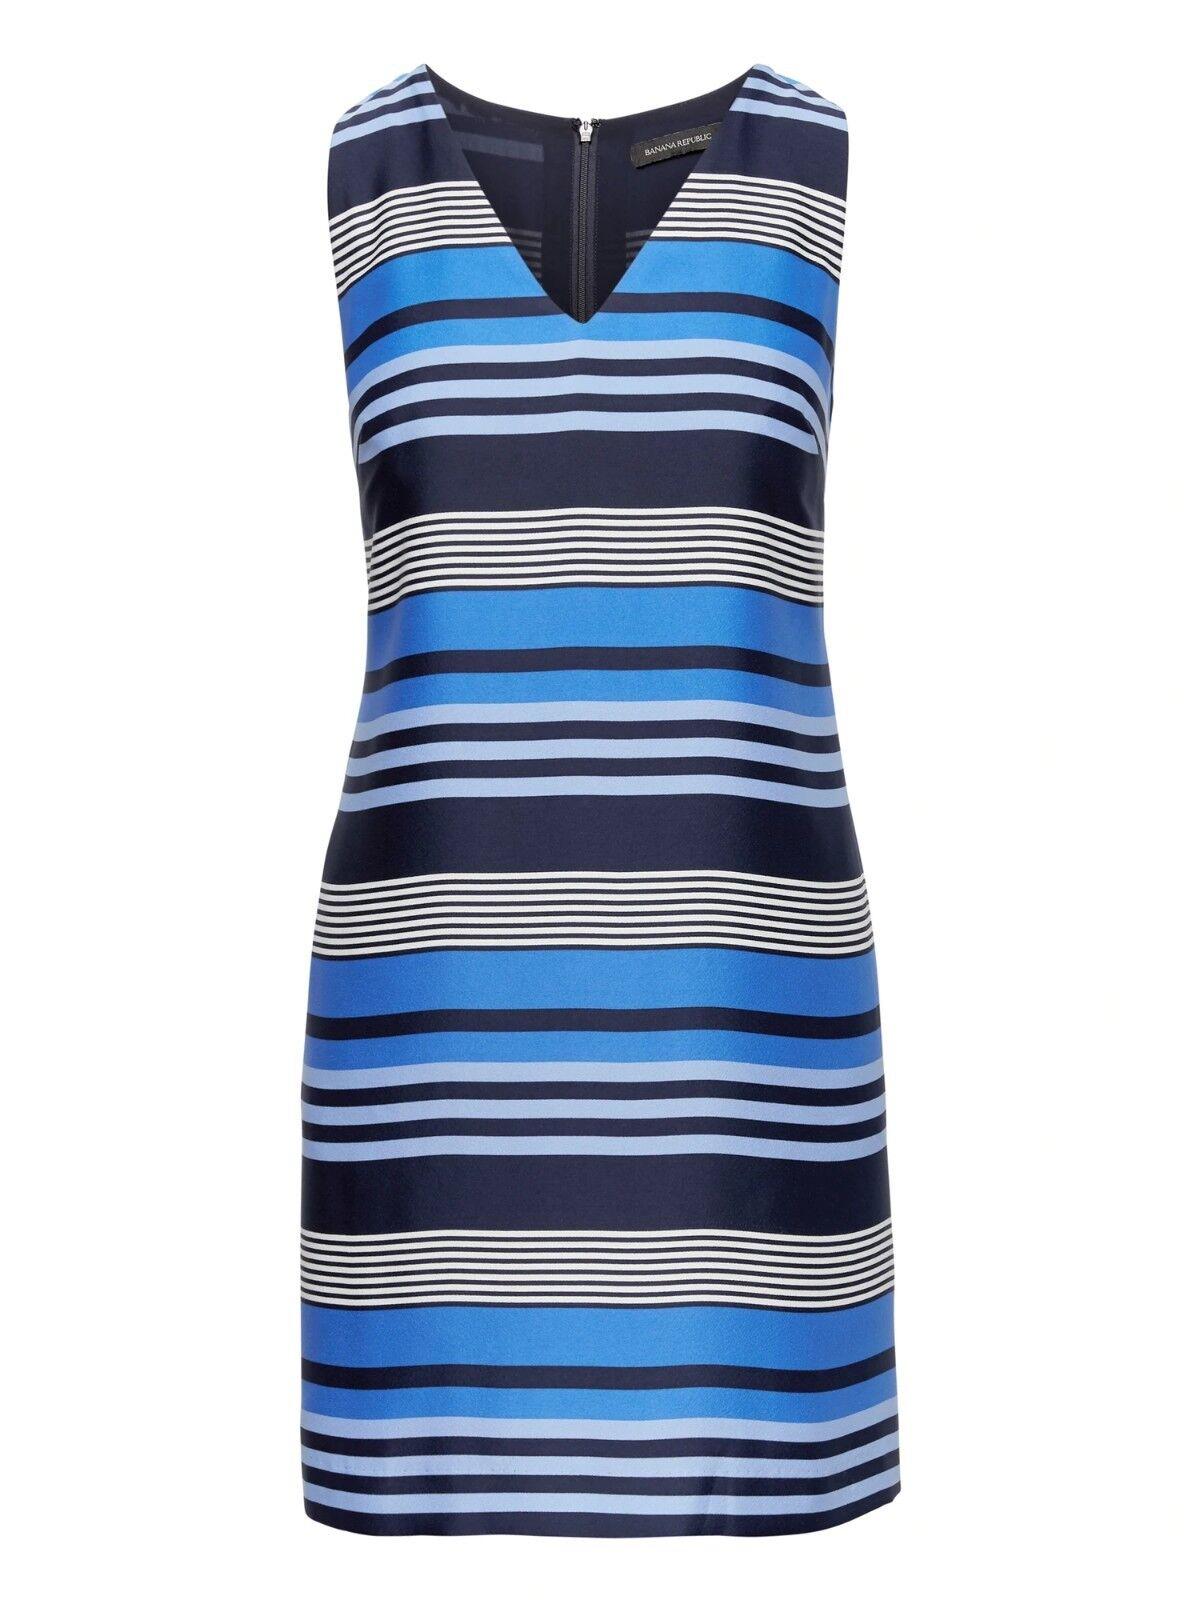 NWOT Banana Republic Stripe Shift Dress Blau Stripe Größe 8 T    E823